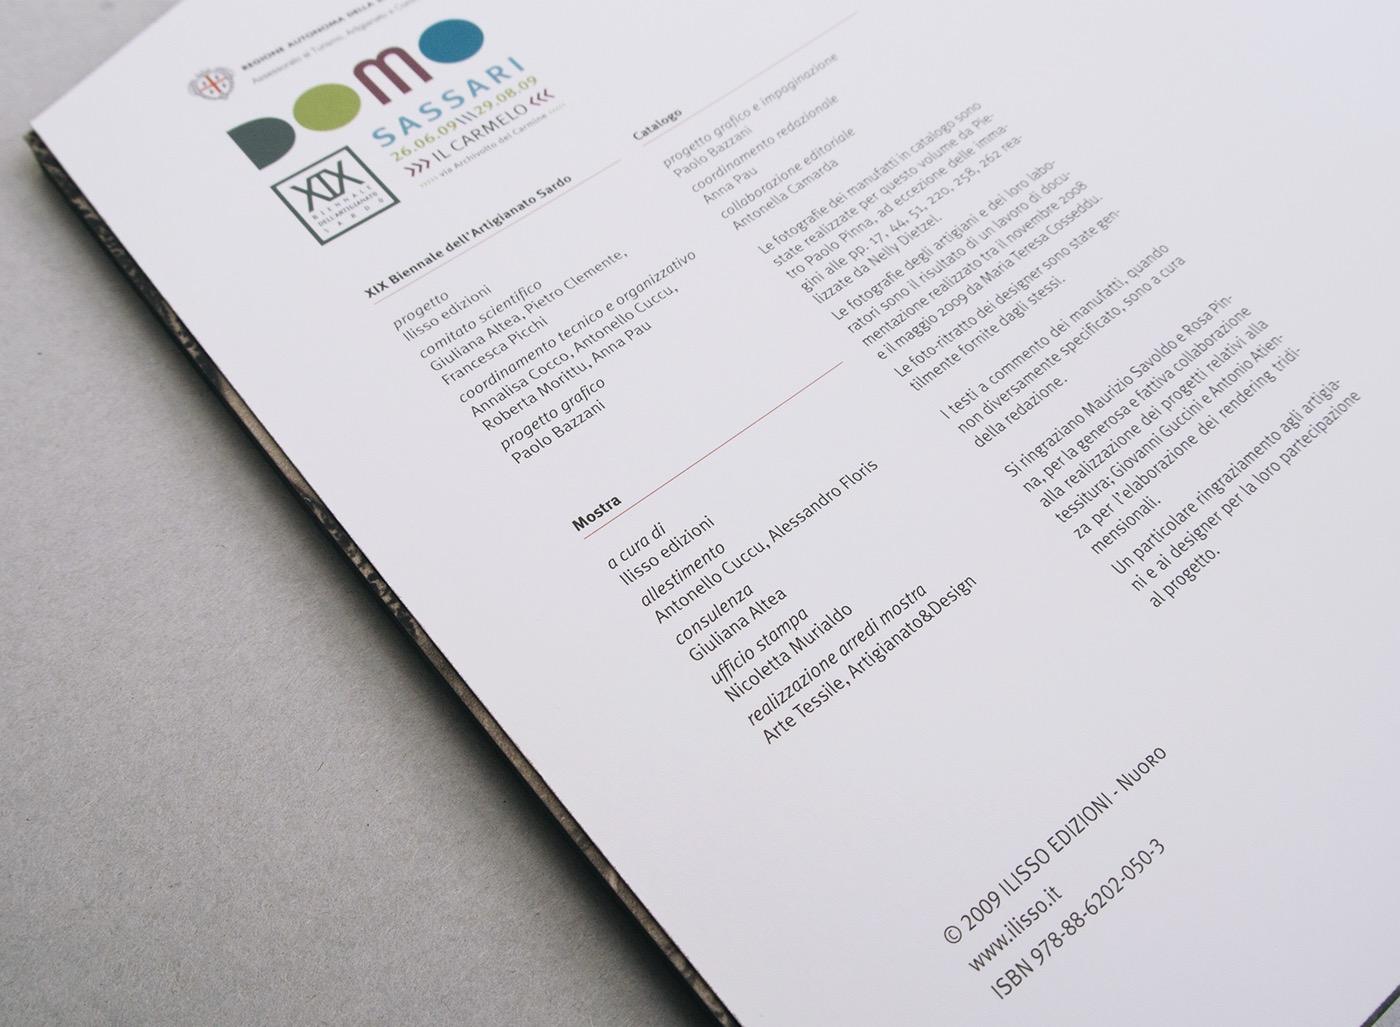 Logo Ufficio Tecnico : C m v i group s r l modugno bari ufficio tecnico